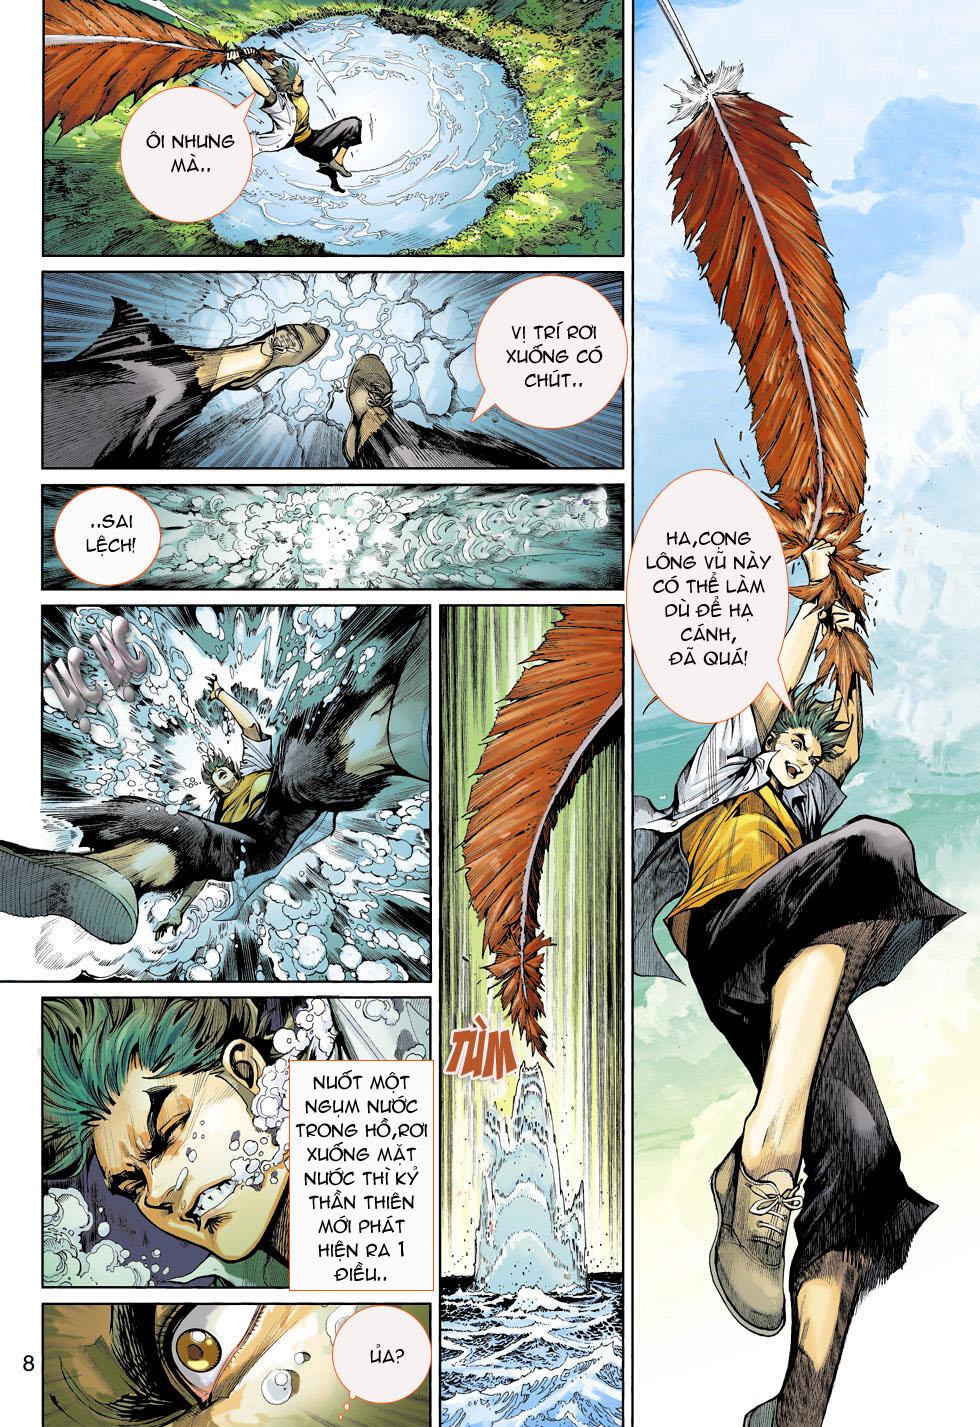 Thần Binh 4 chap 4 - Trang 8